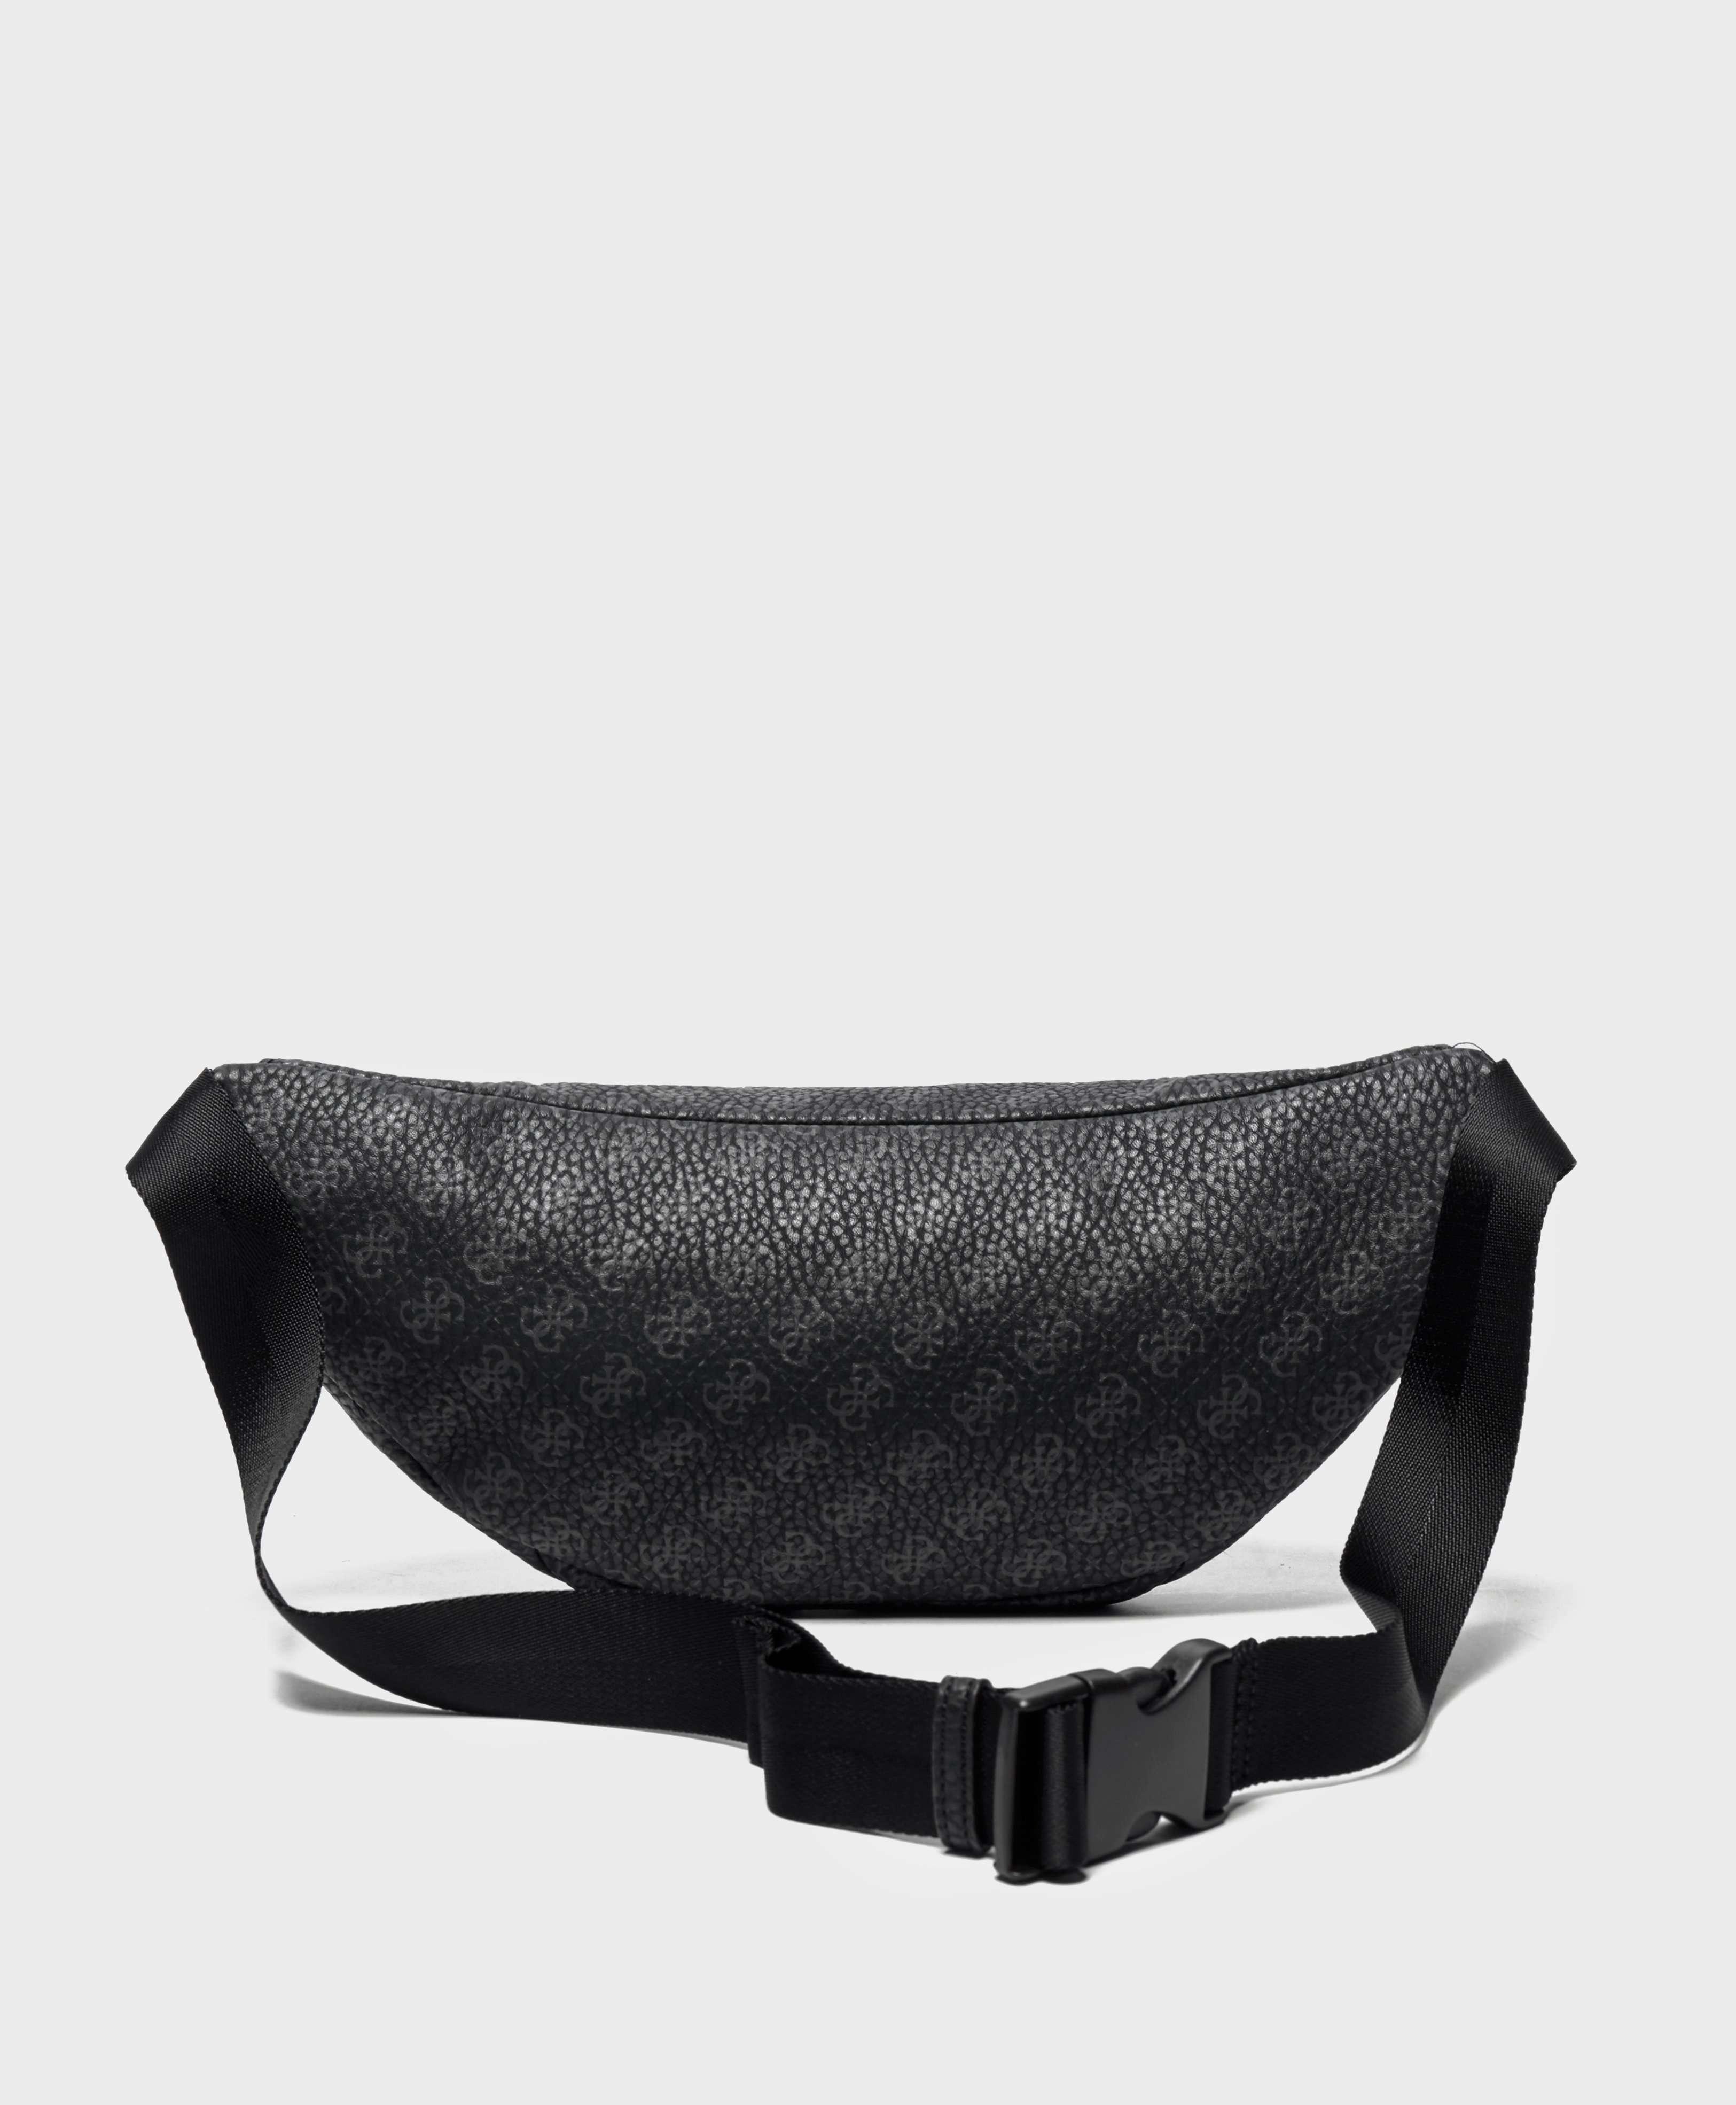 Guess Monogram Bum Bag